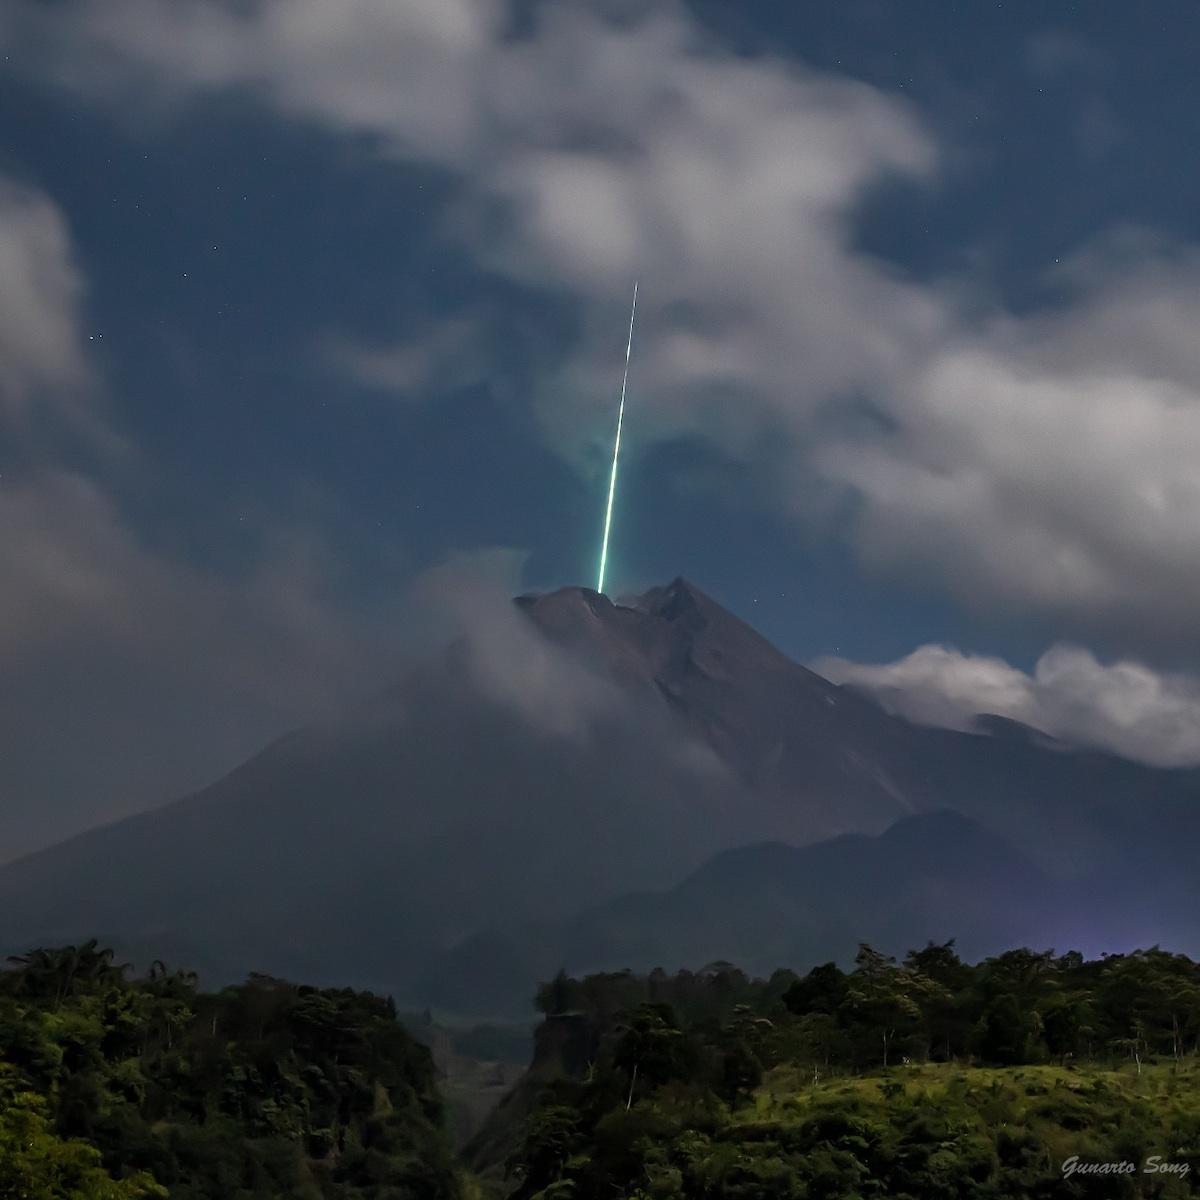 Снимок дня. Метеор, падающий в жерло вулкана в Индонезии